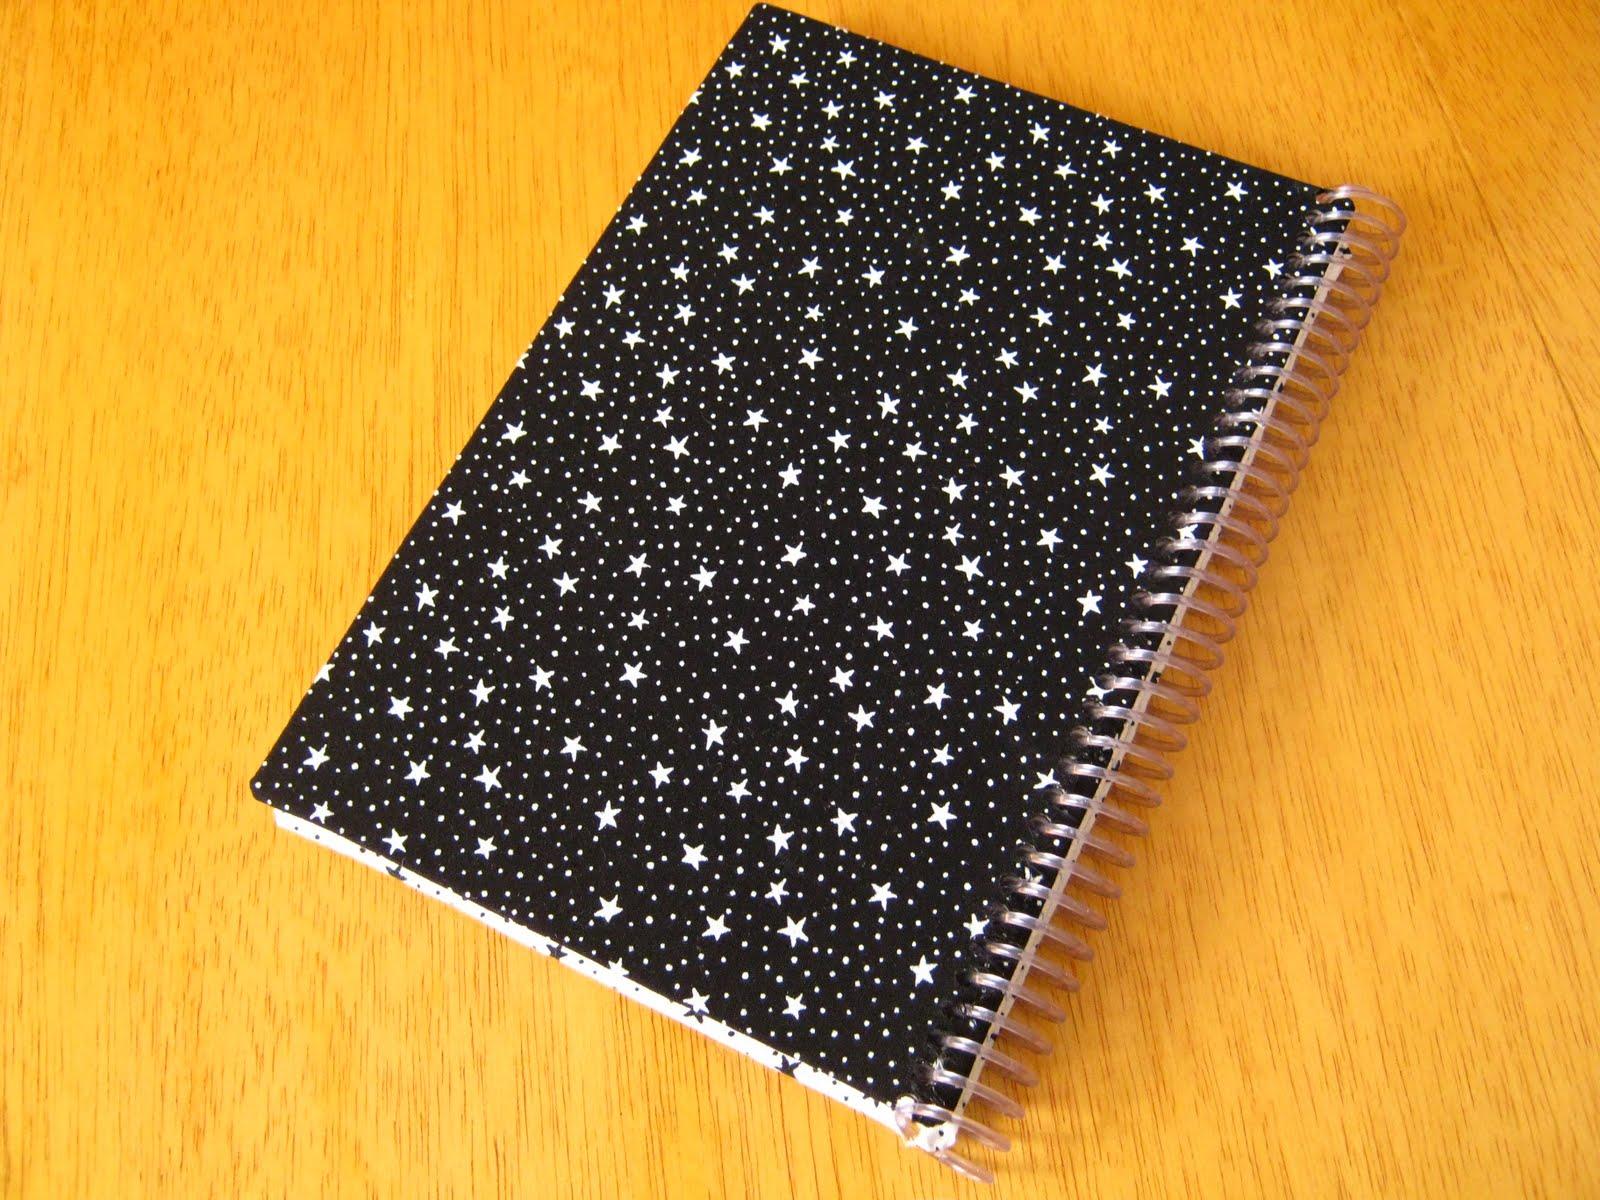 Famosos Cadernos Personalizados: Caderno Personalizado na Revista Atrevida  OG85